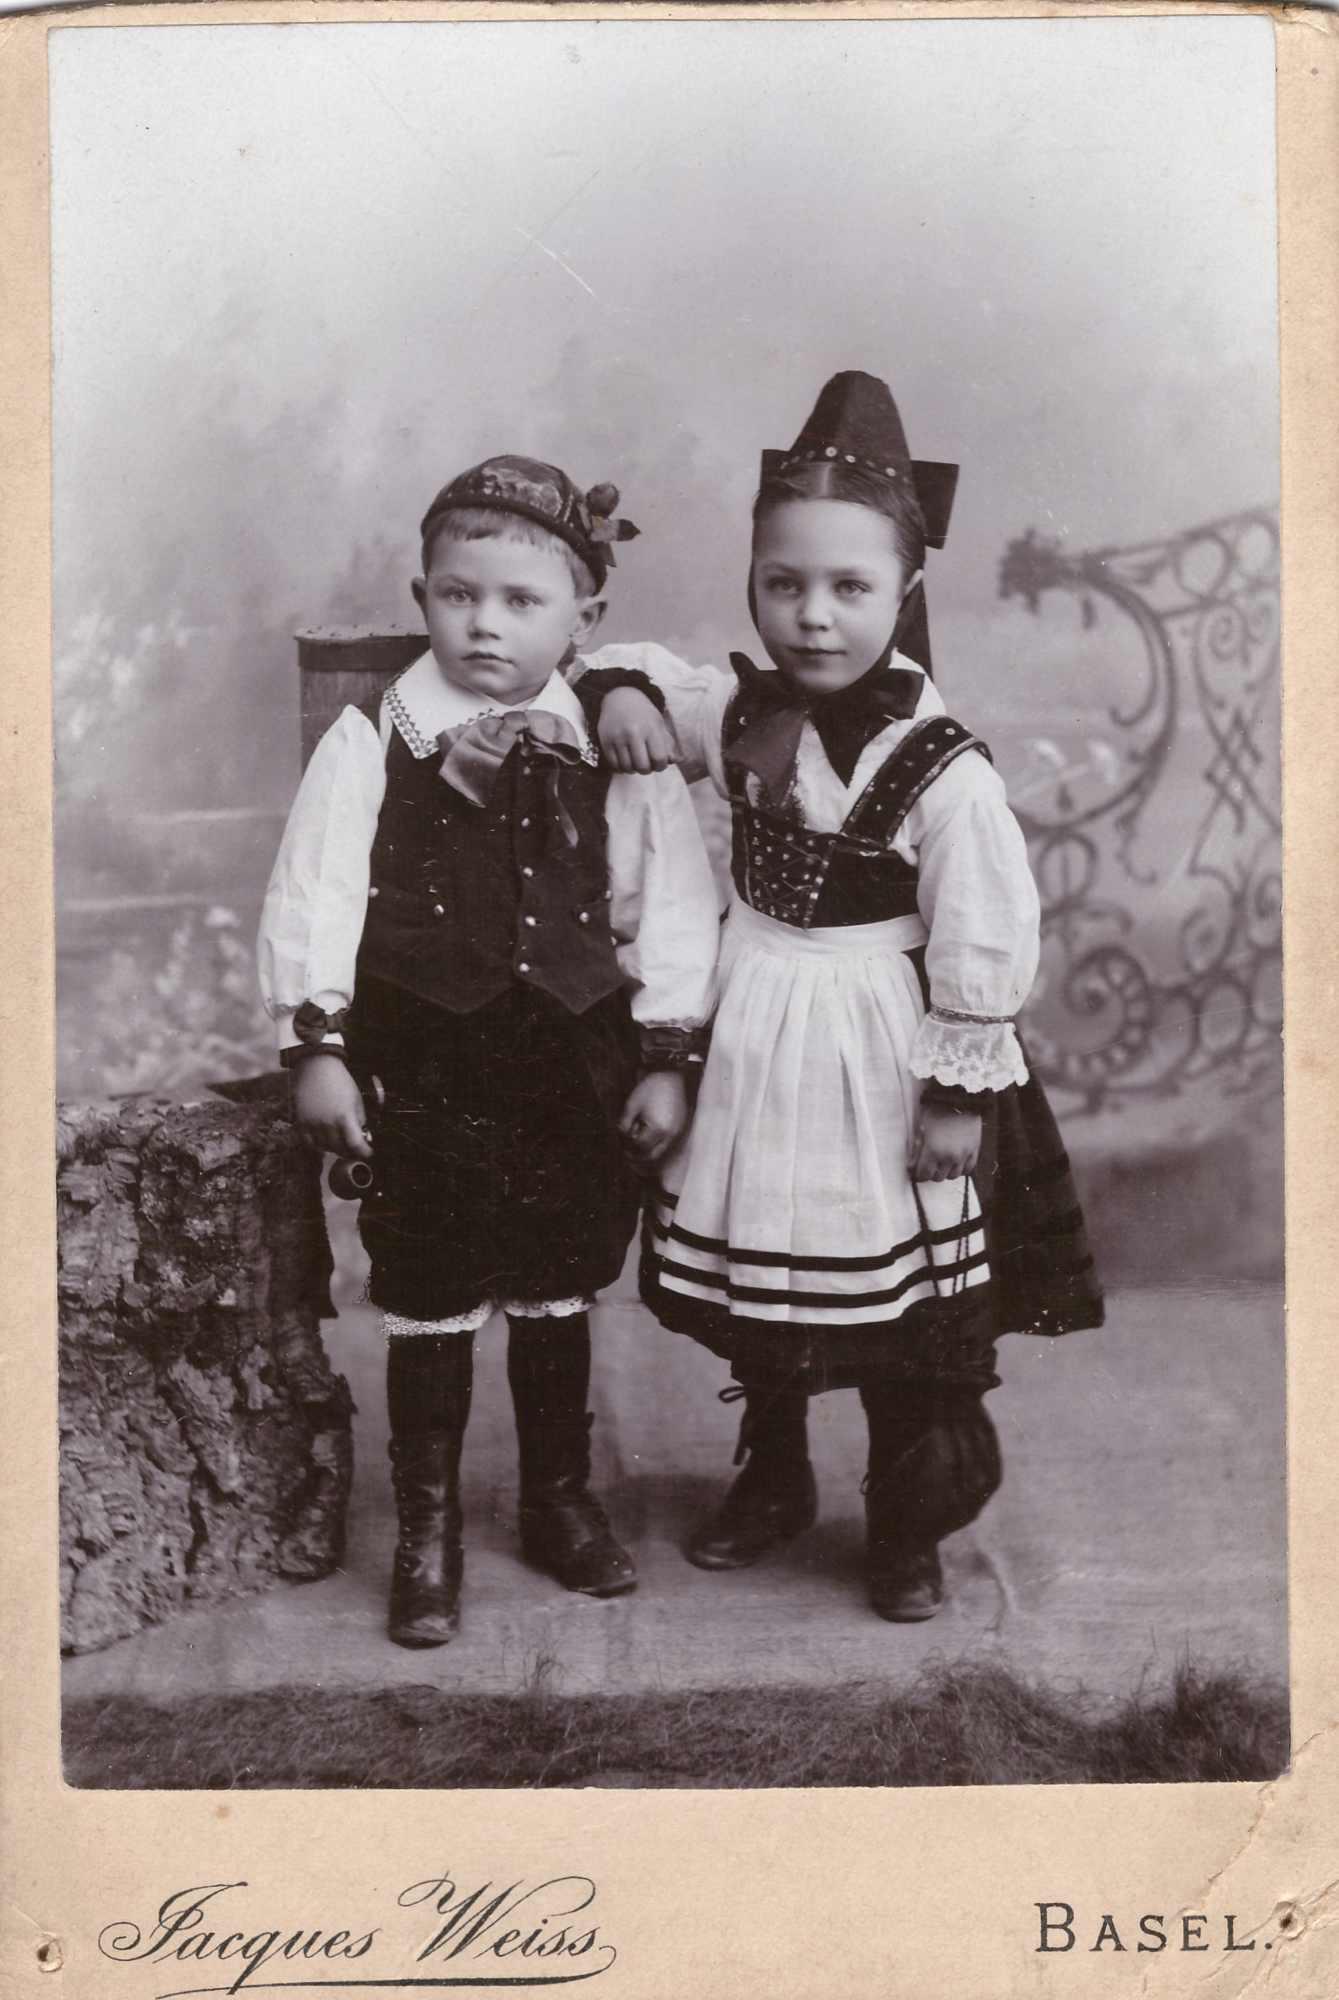 Bild: Fotostudio-Aufnahme, unbekannte Kinder